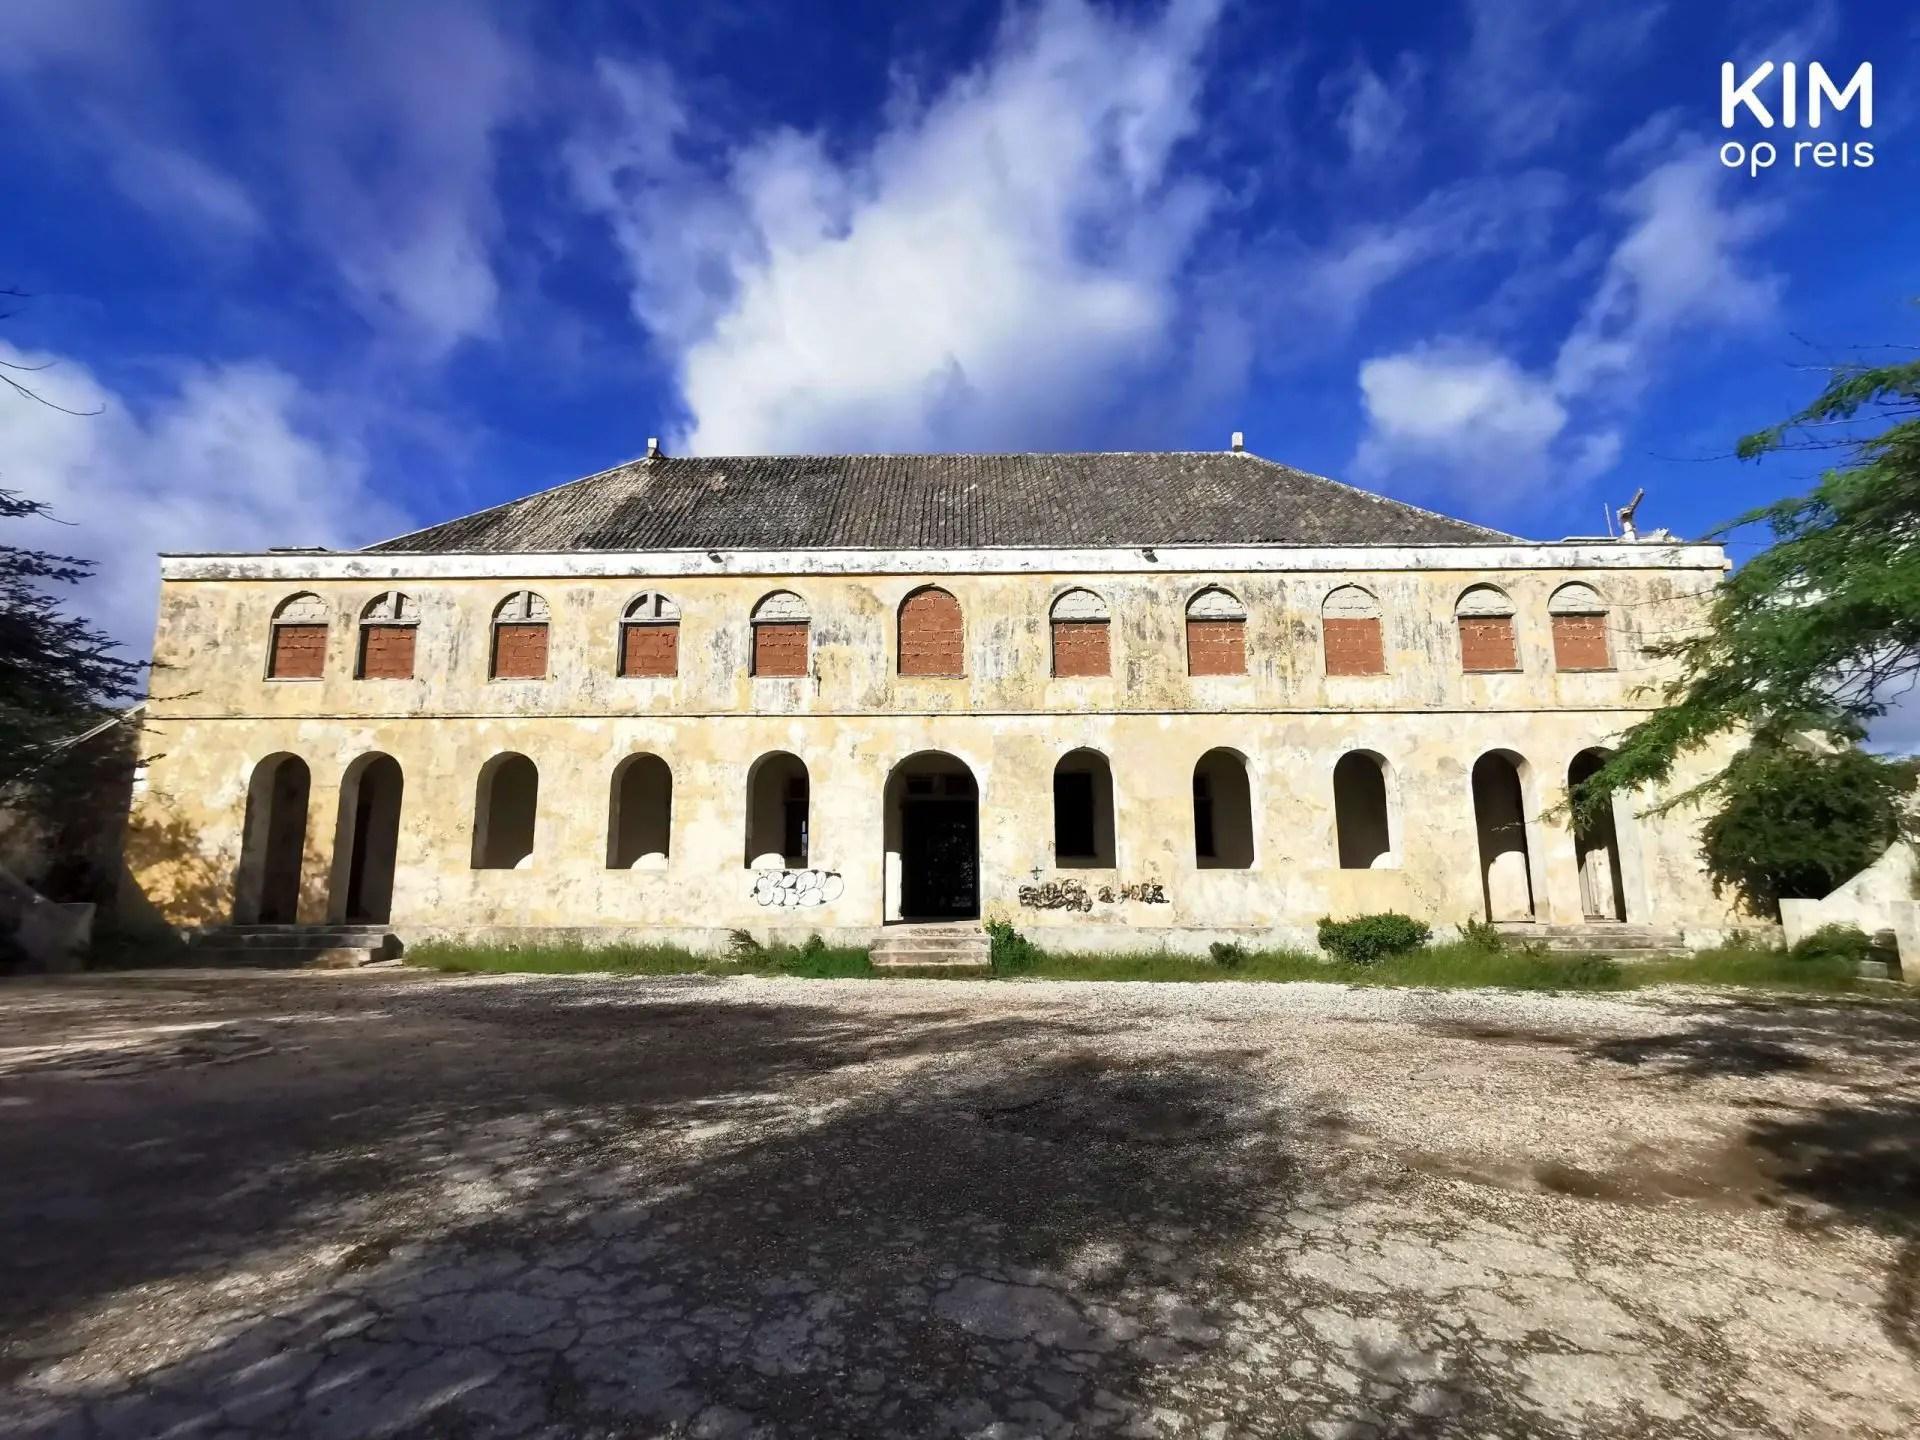 Quarantainegebouw Curaçao verlaten: breed gebouw met grote poorten en boven afgesloten ramen, afgebladderde gele verf